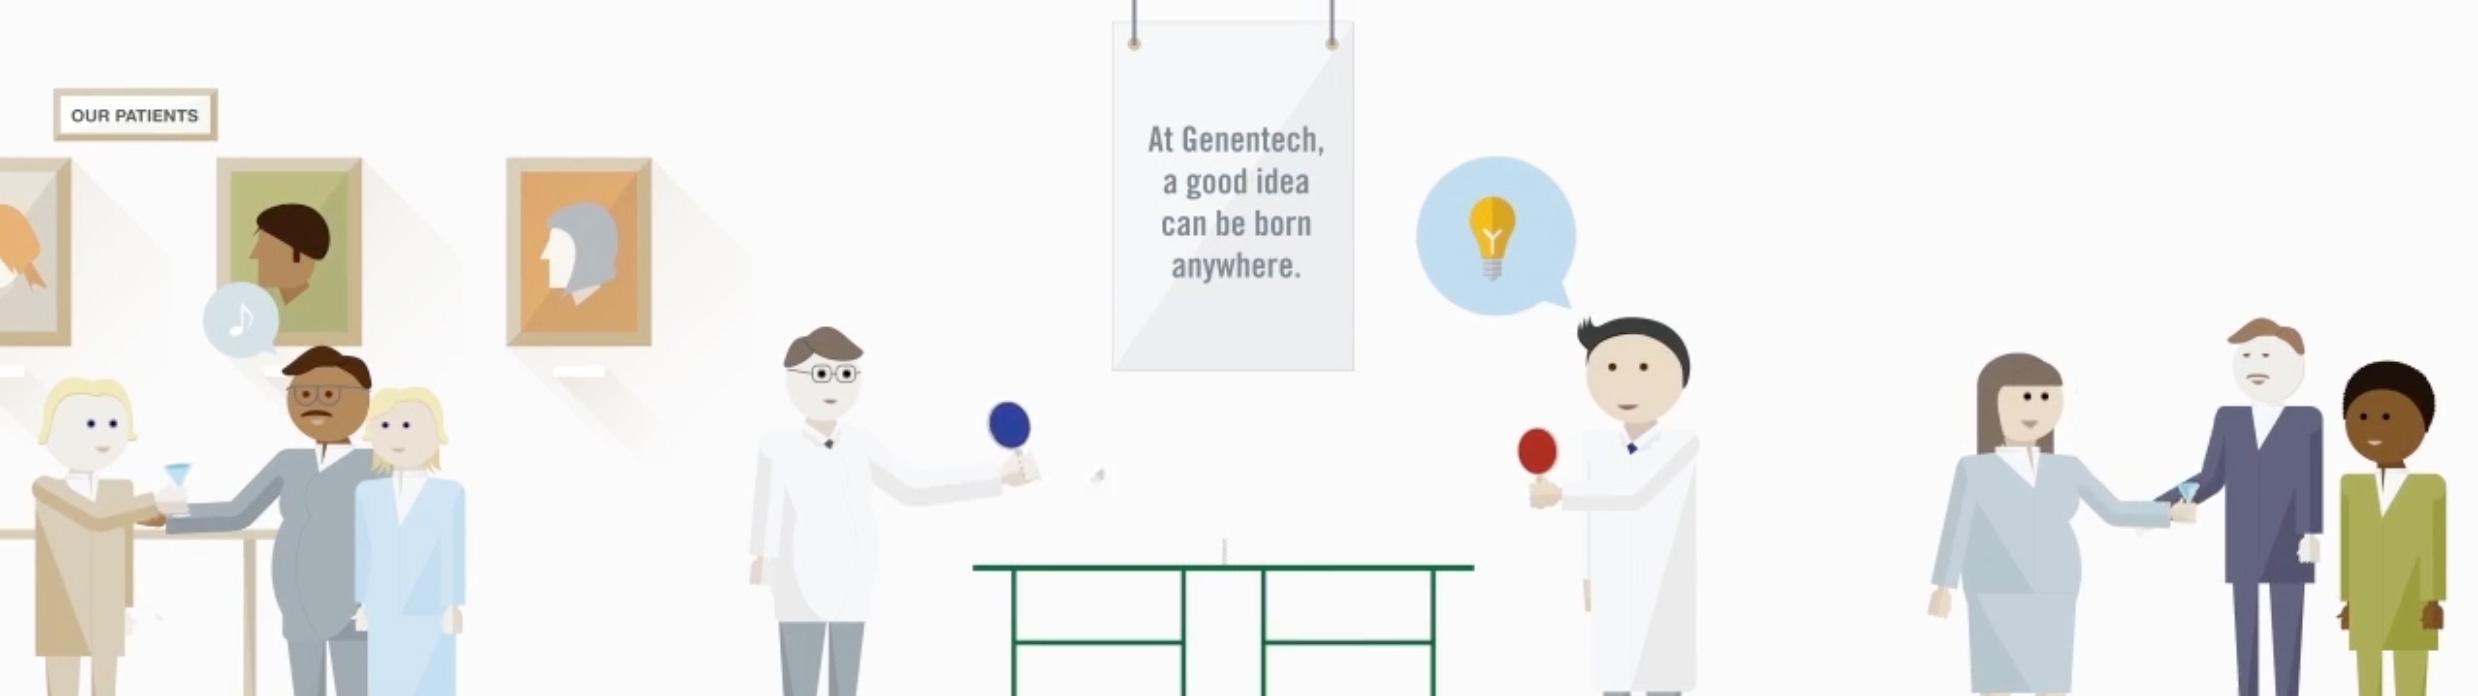 genentech-slide-01